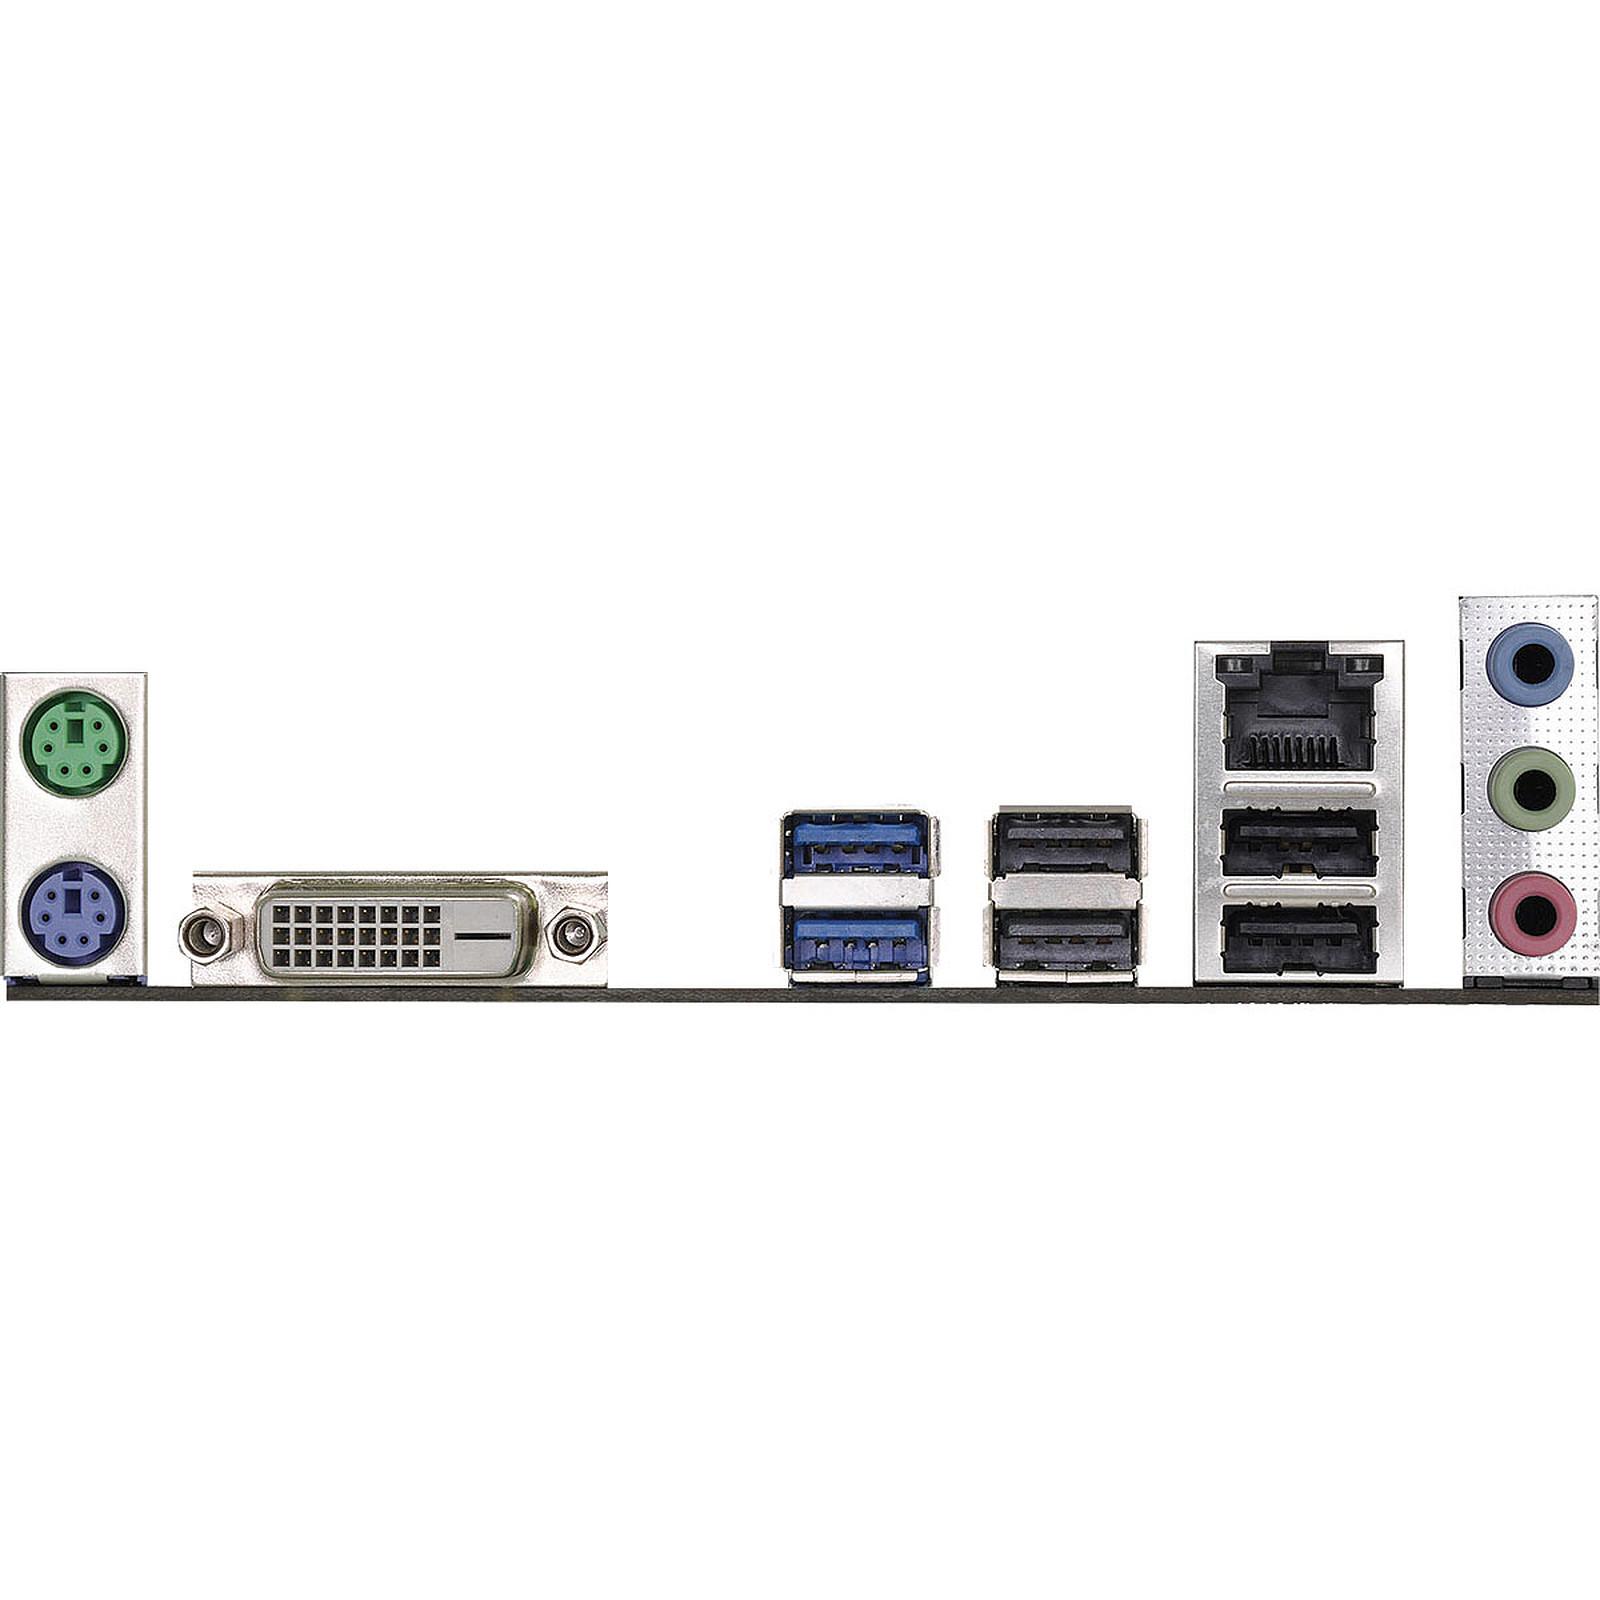 ASRock H110M-DGS R2.0 Realtek LAN Drivers Windows XP